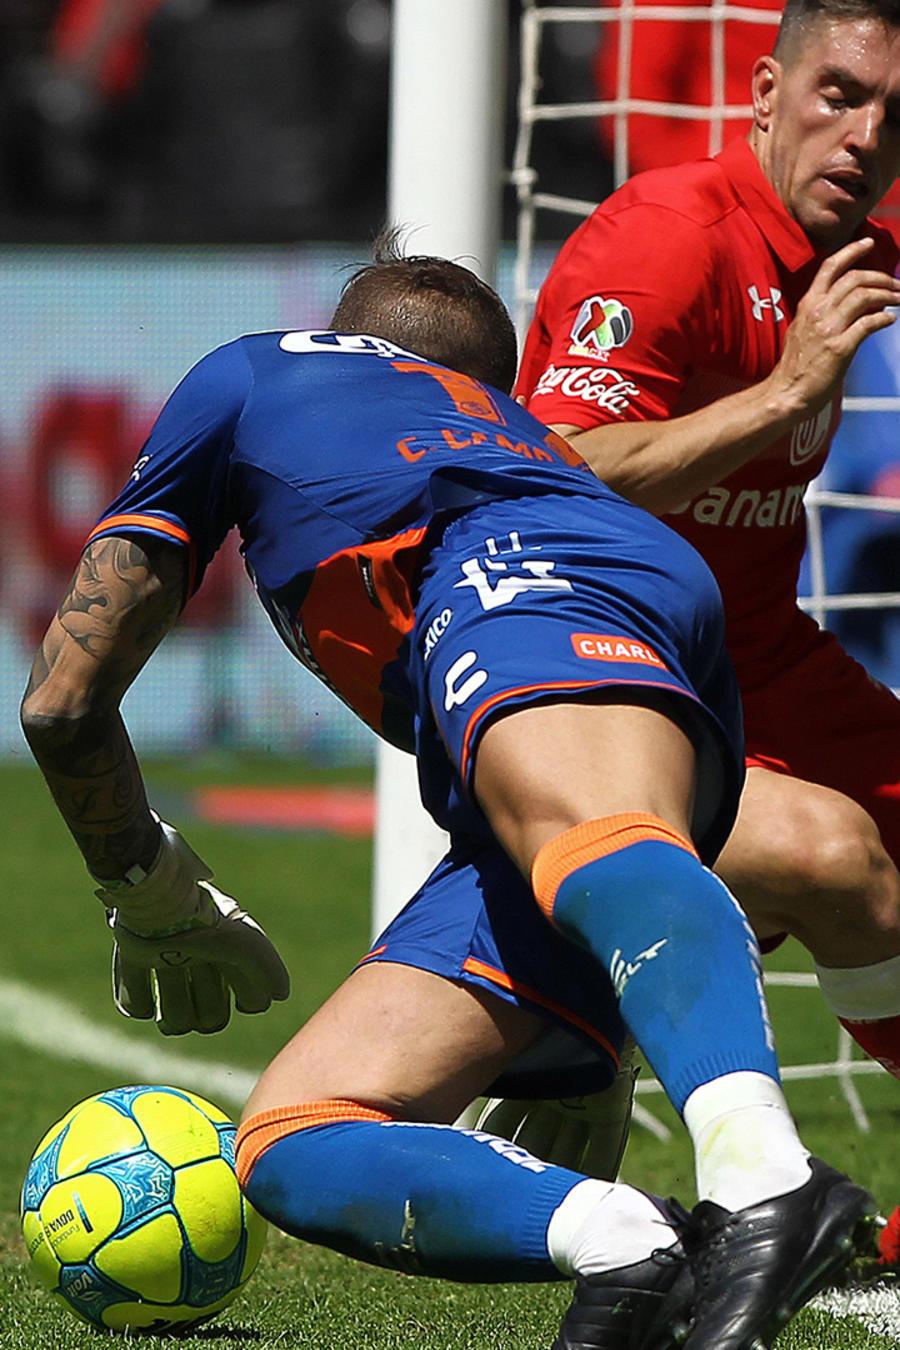 Puebla juega su mejor partido en años frente al Toluca